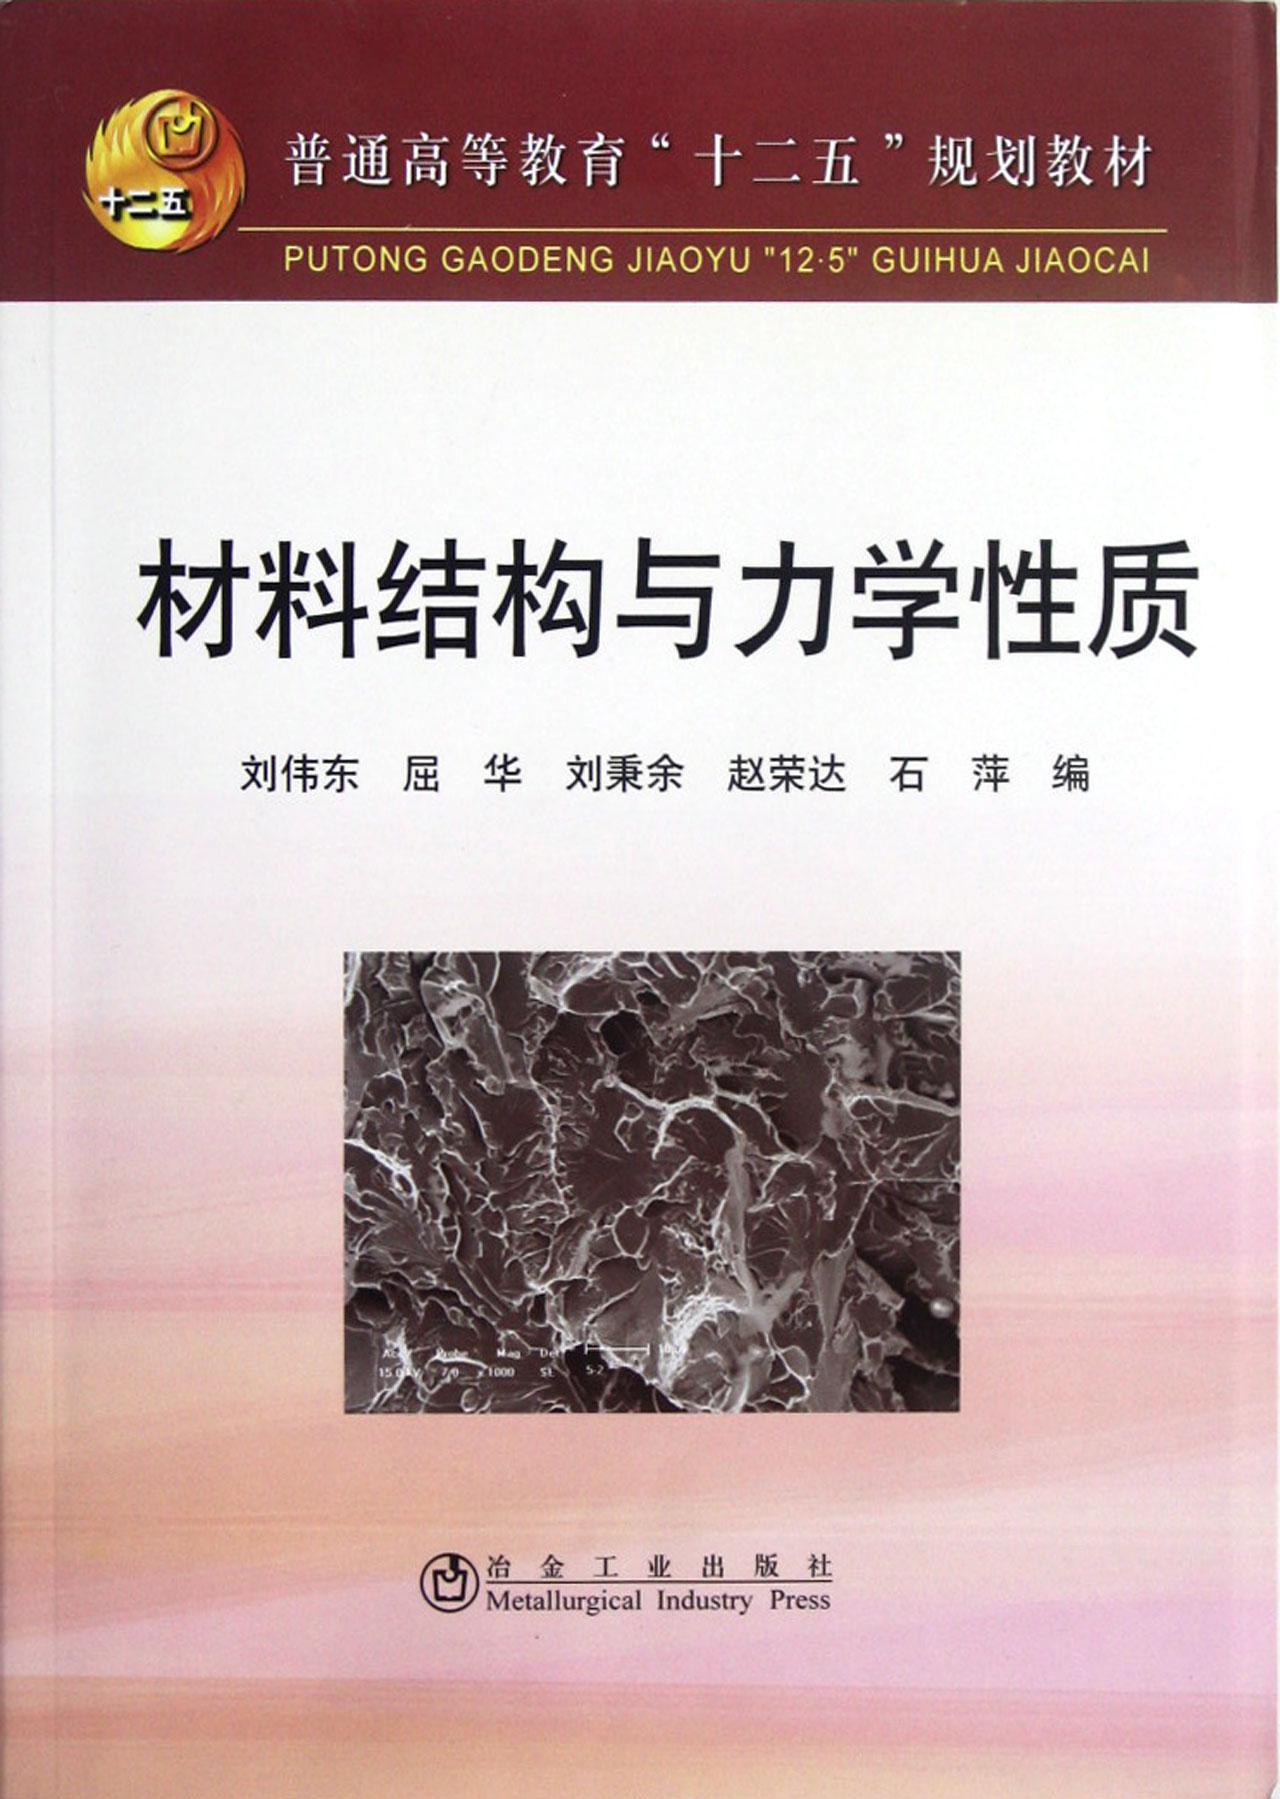 材料结构与力学性质(普通高等教育十二五规划教材)